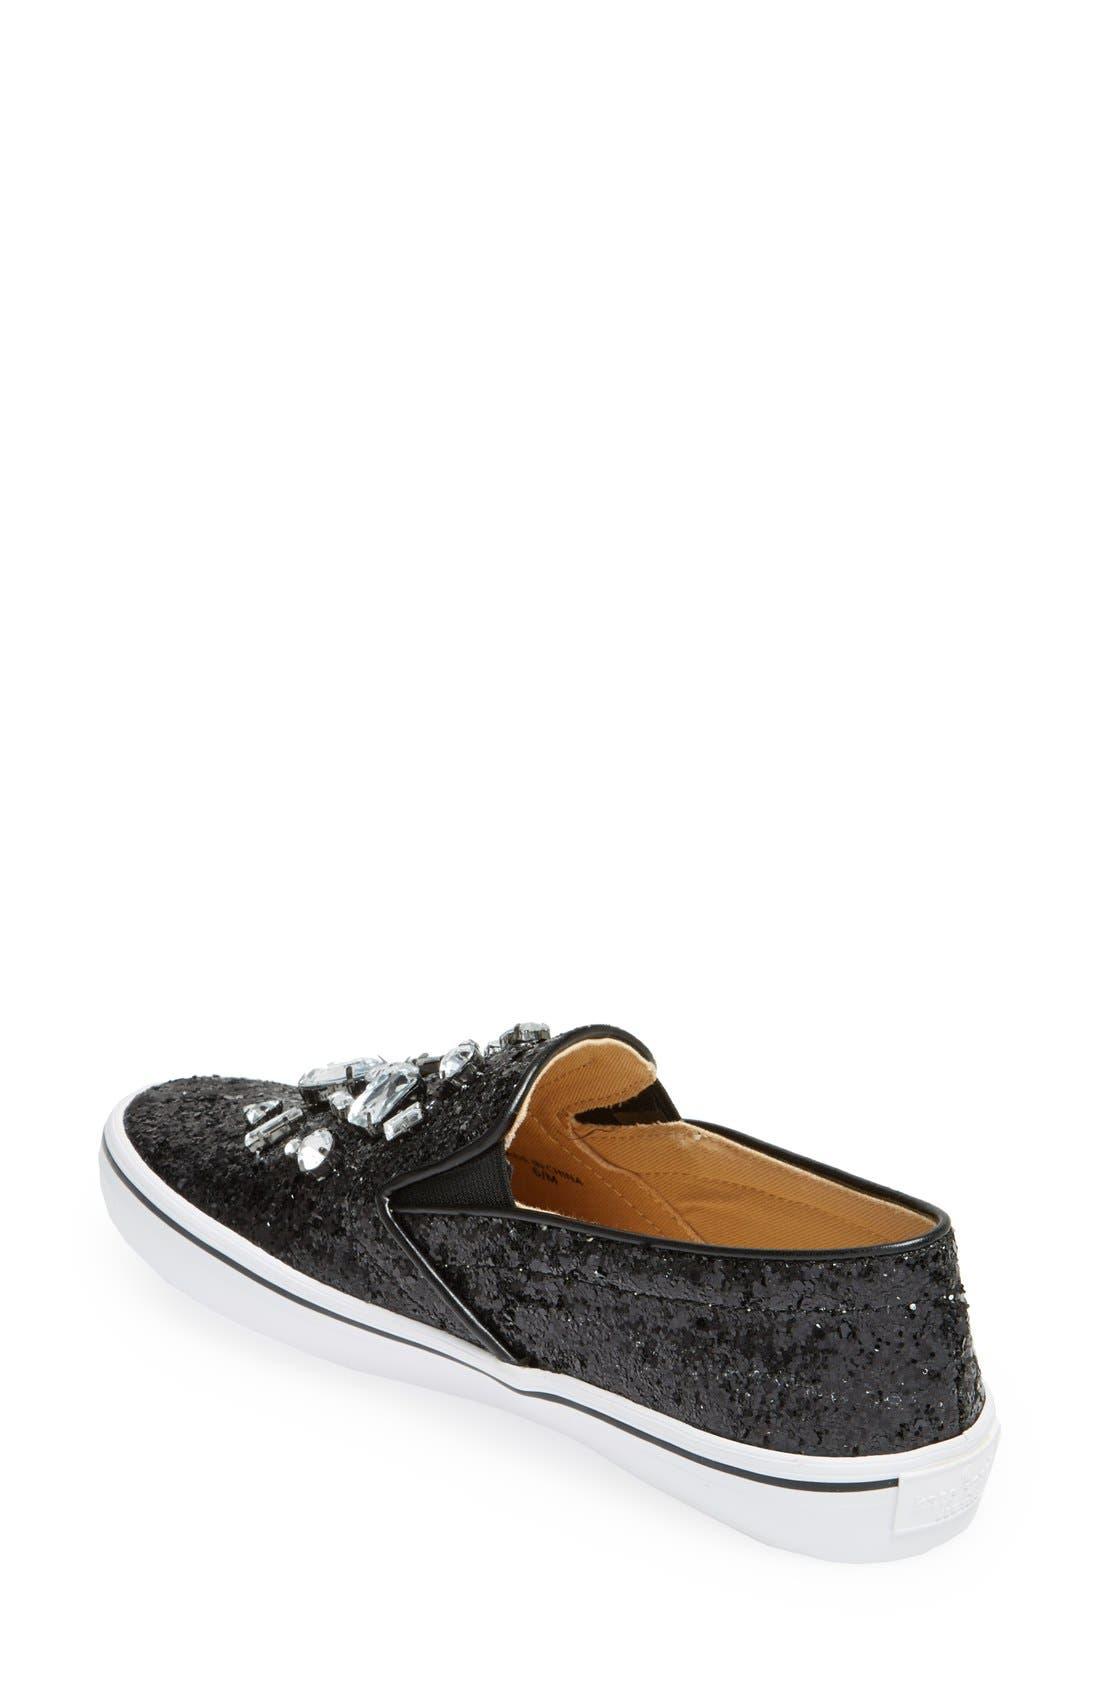 Alternate Image 2  - kate spade new york 'slater' slip-on sneaker (Women)